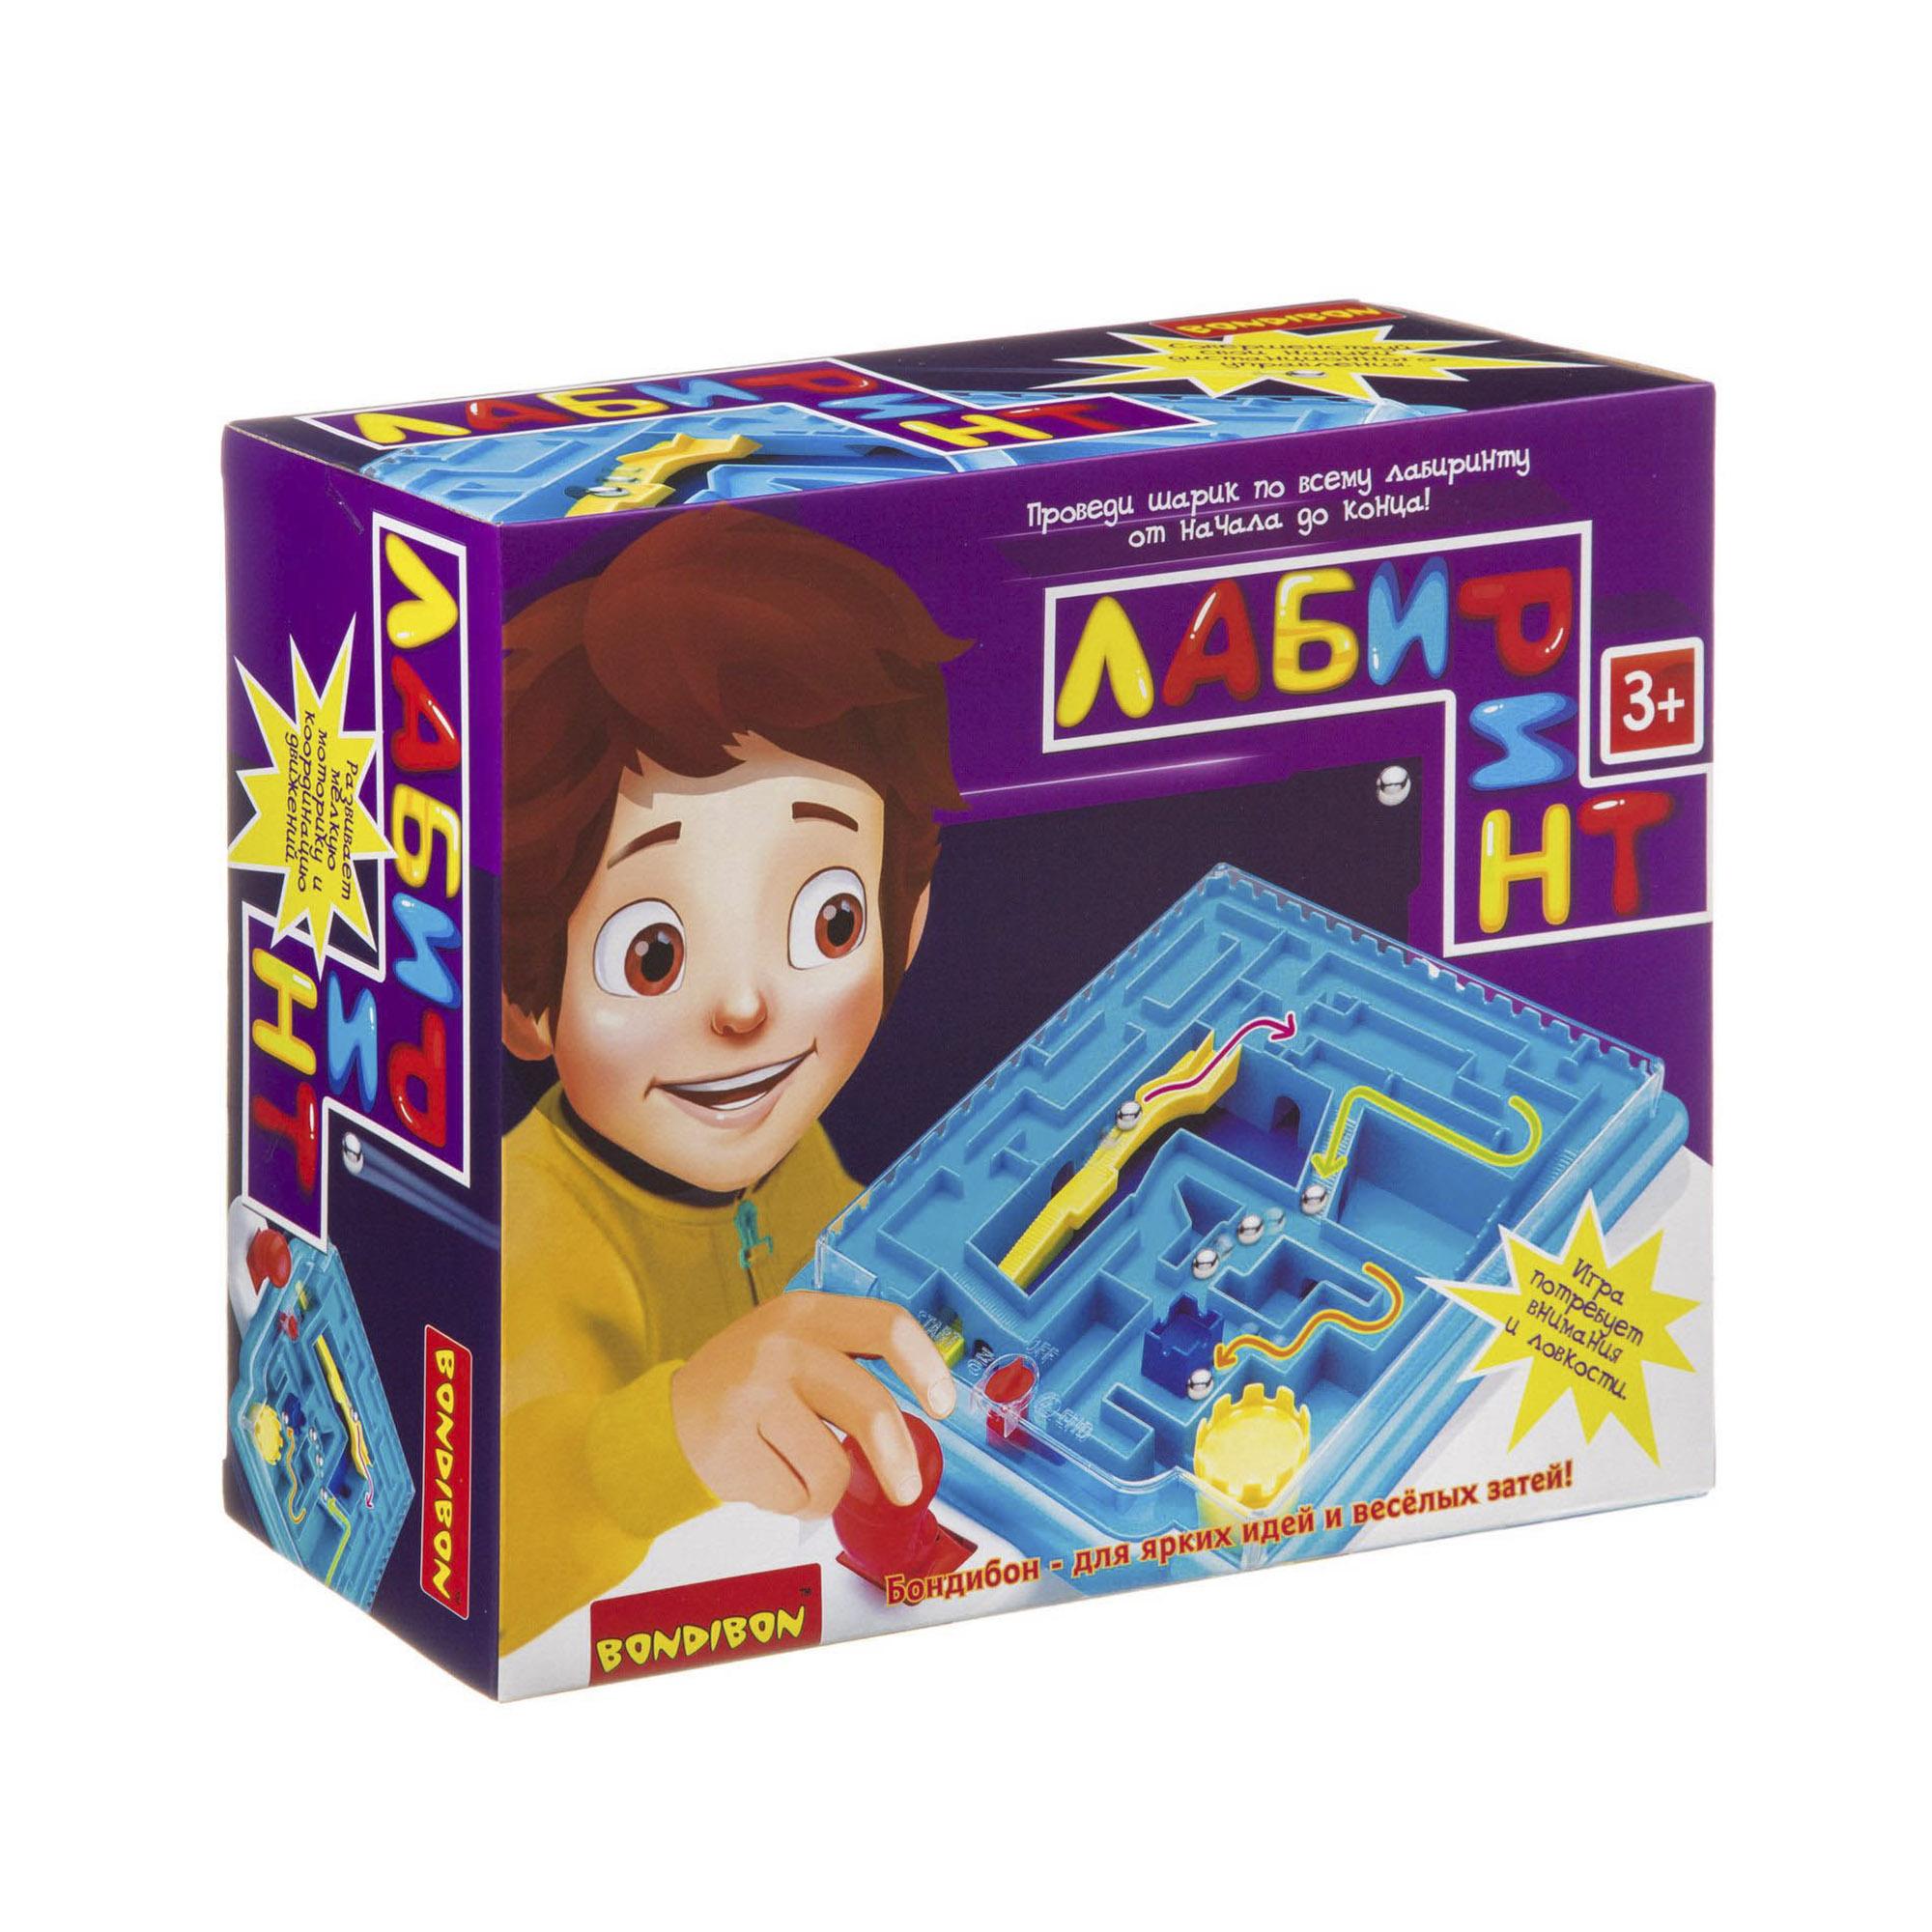 Настольная игра Bondibon Лабиринт с джойстиком ВВ3820 bondibon настольная игра bondibon лабиринт с джойстиком прямоугольное поле